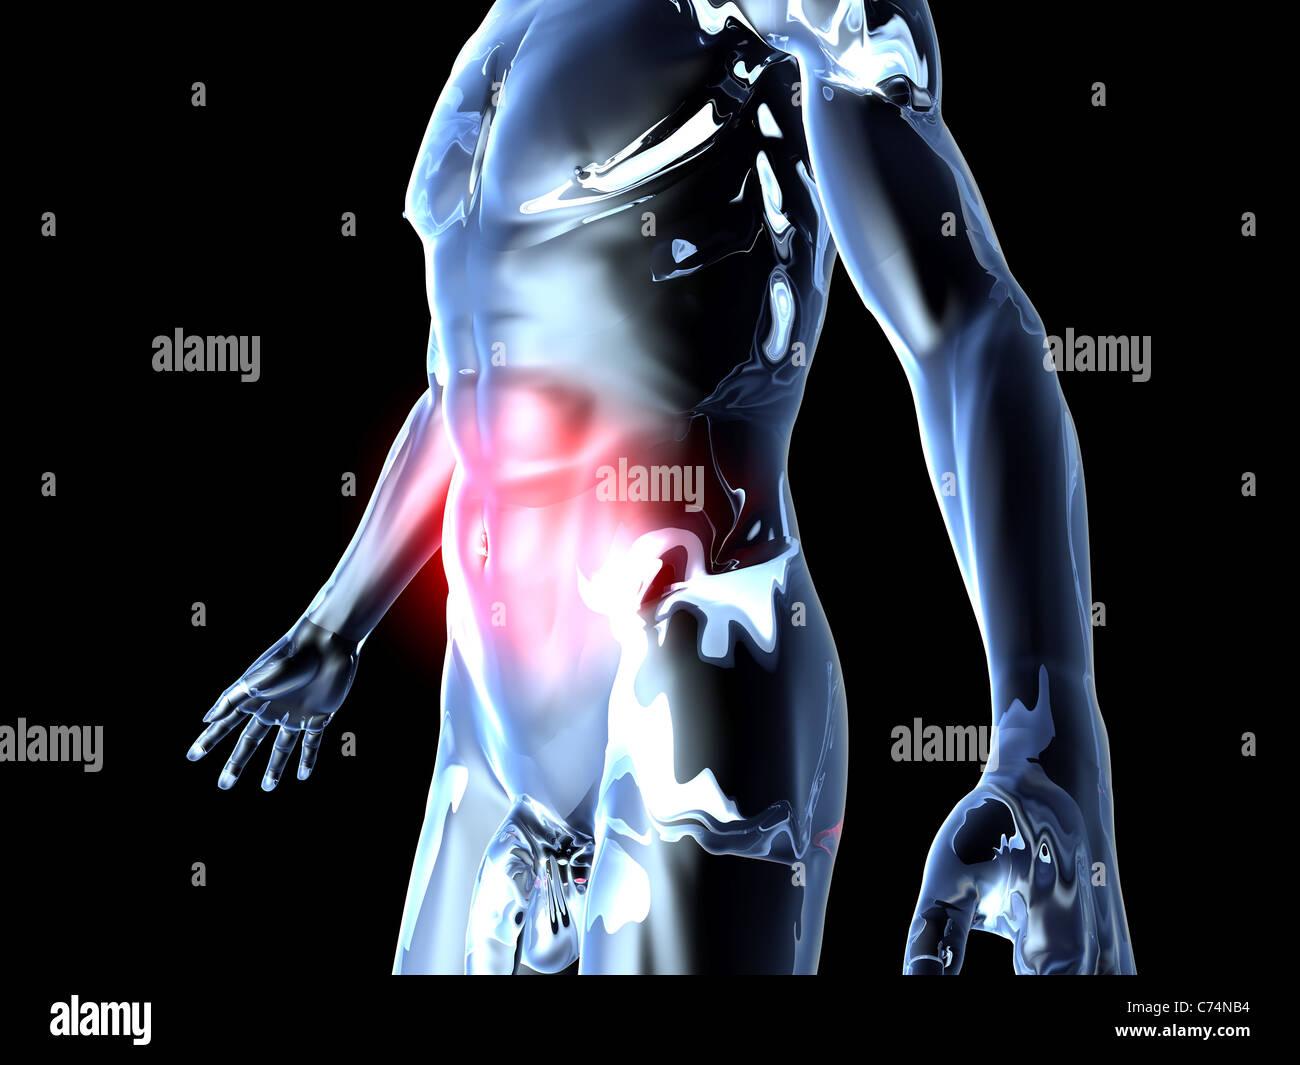 Anatomy - Belly Ache Stock Photo: 38827912 - Alamy